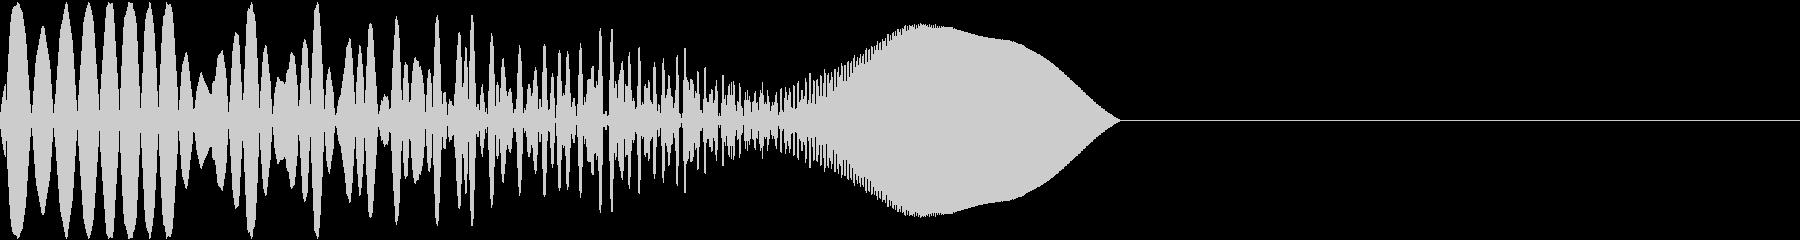 ポワッ(キャンセル音)の未再生の波形